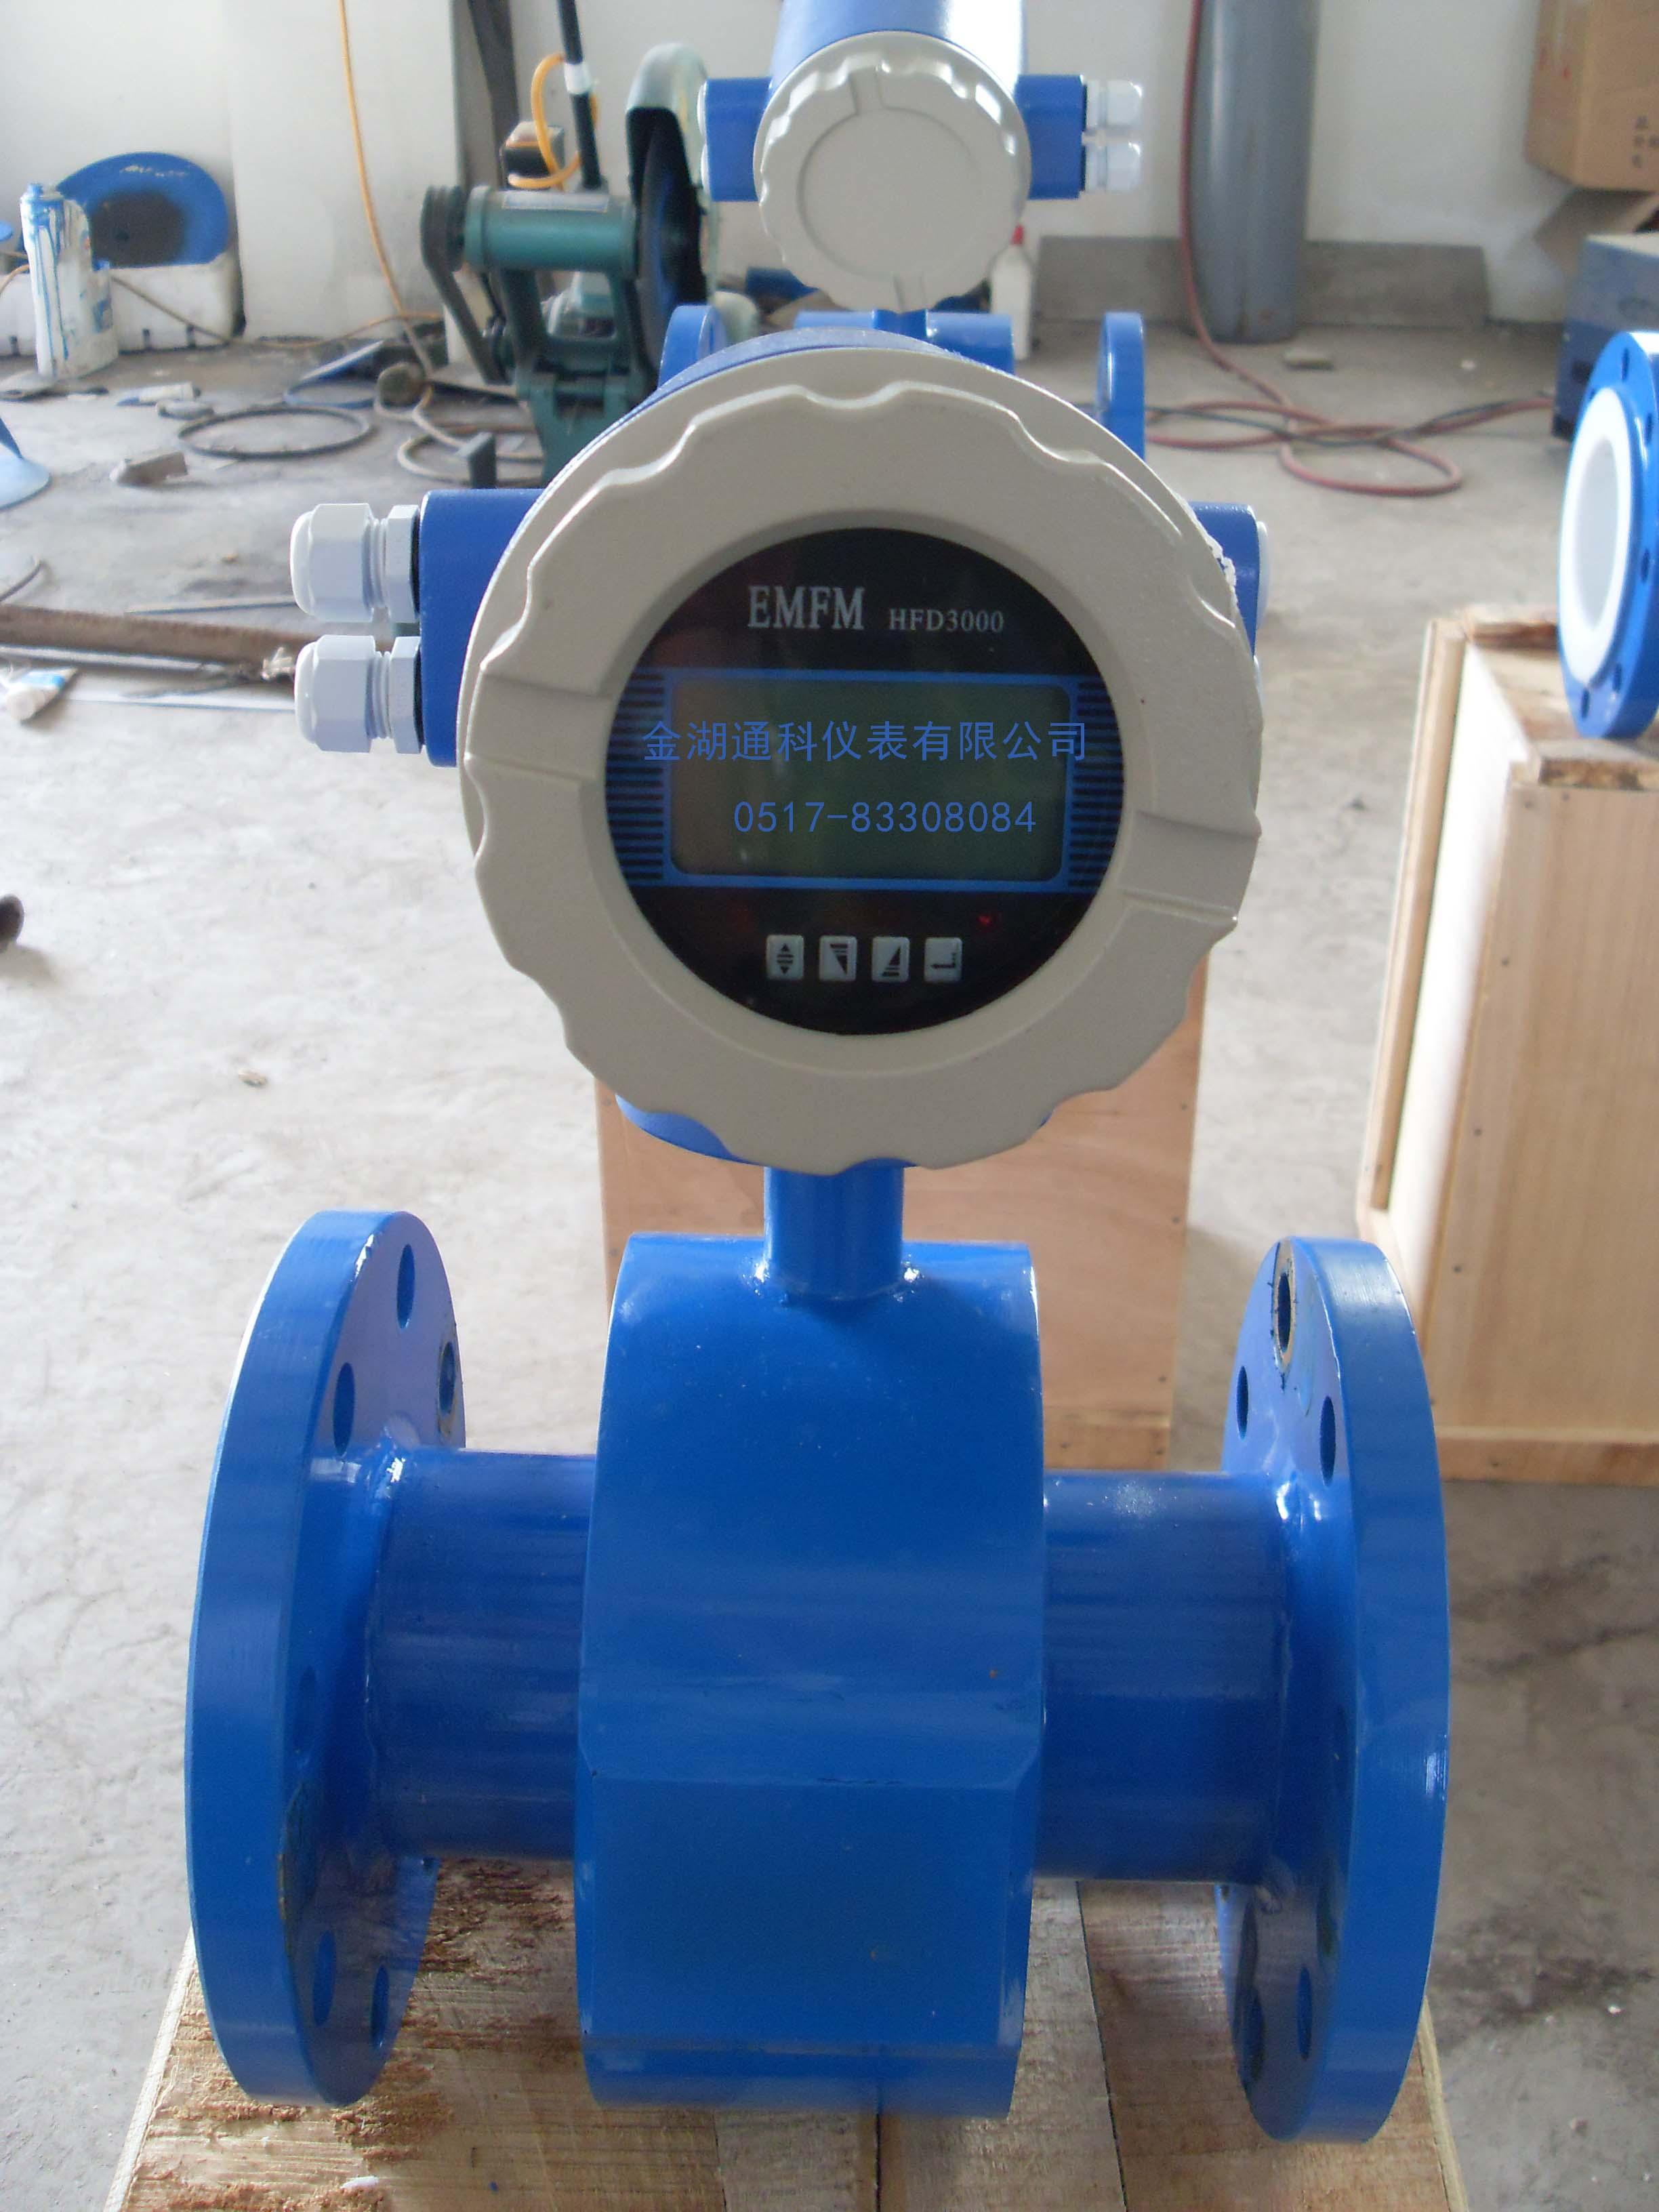 厂家特价 电磁流量计 污水流量计 硝酸流量计 高精度流量计 包邮